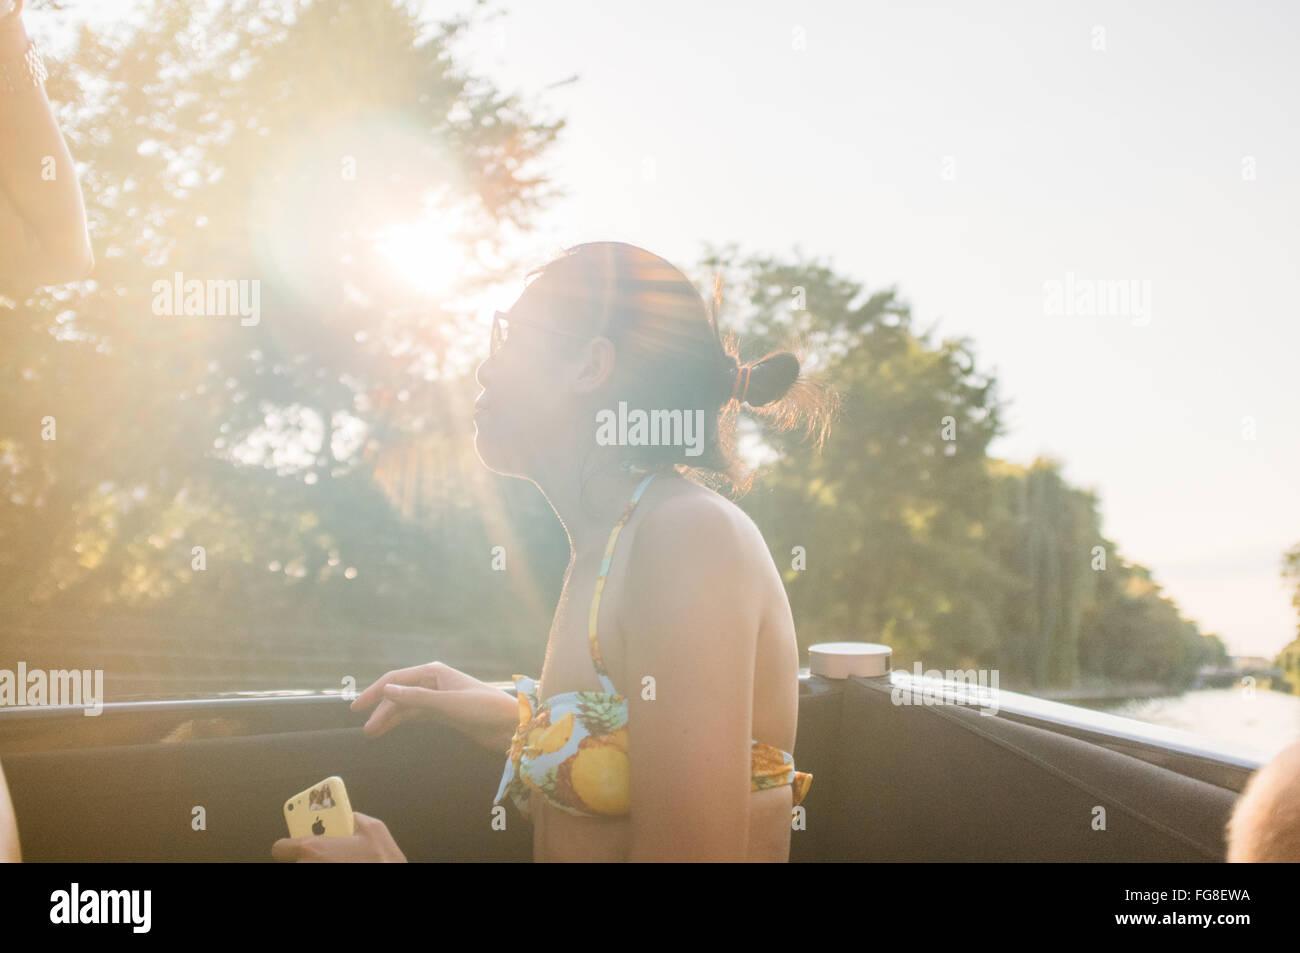 Mujer sentada y disfrutando en barco en el río Imagen De Stock